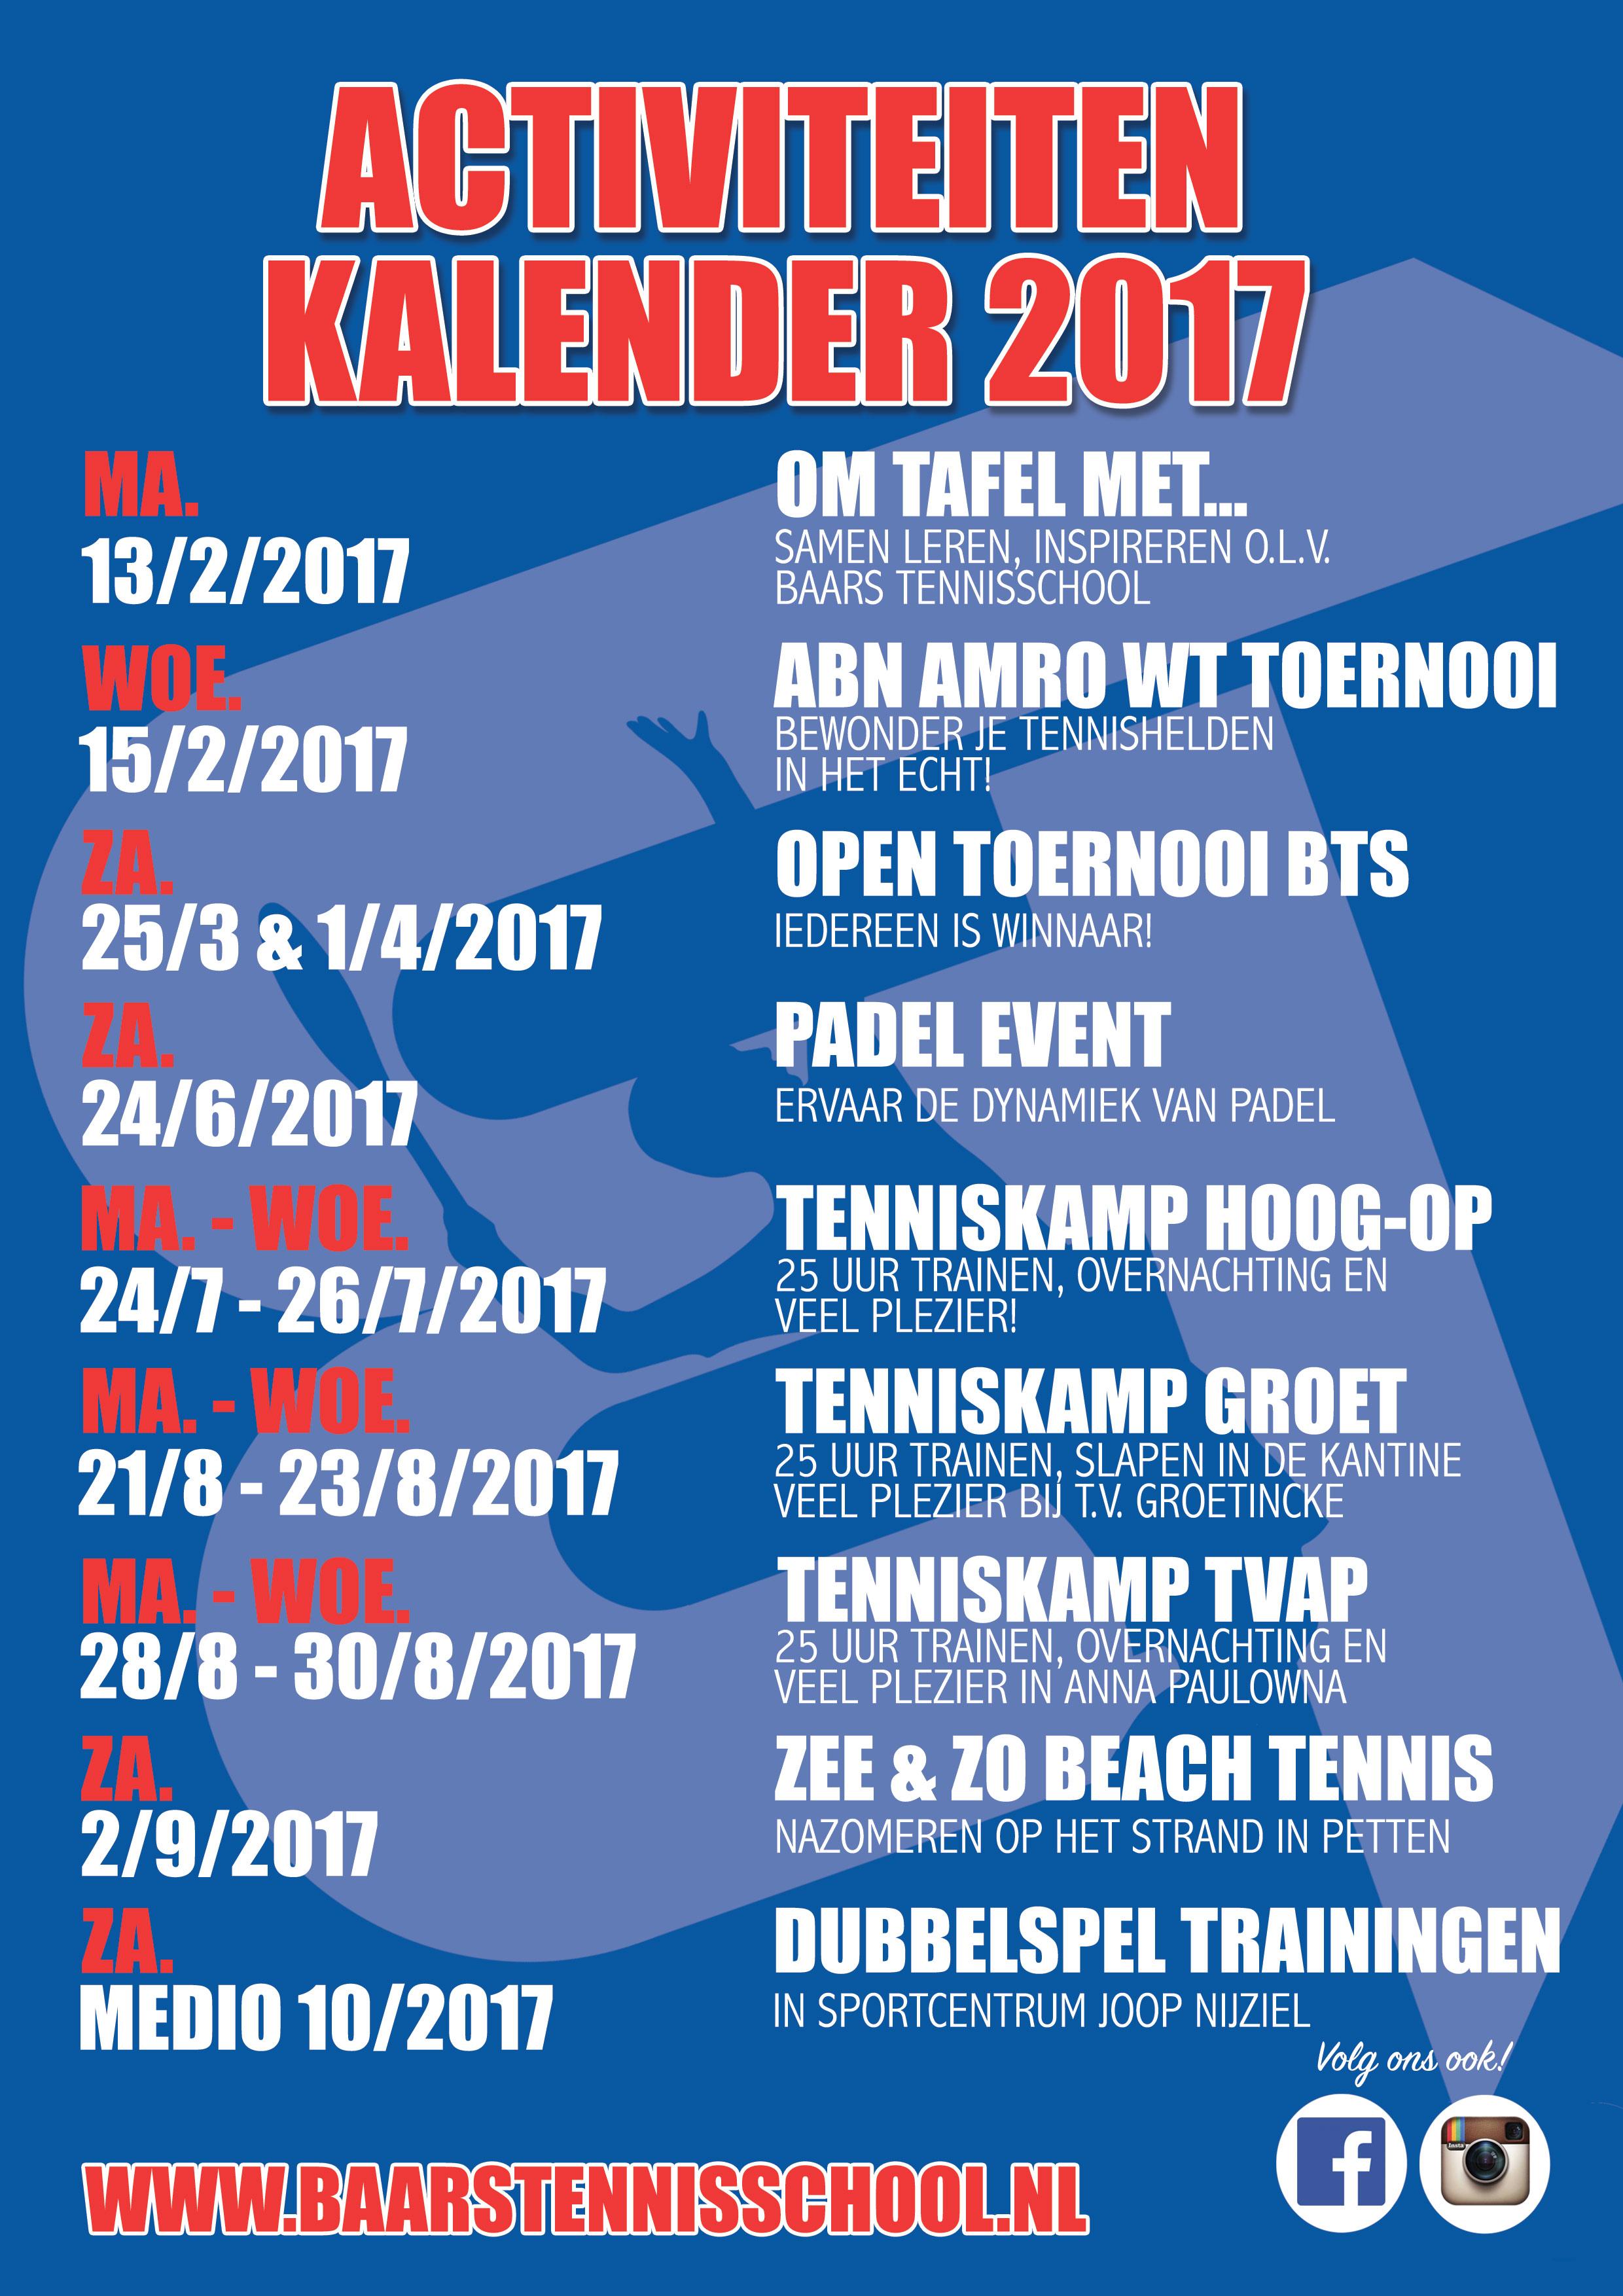 Activiteitenkalender Baars Tennisschool 2017